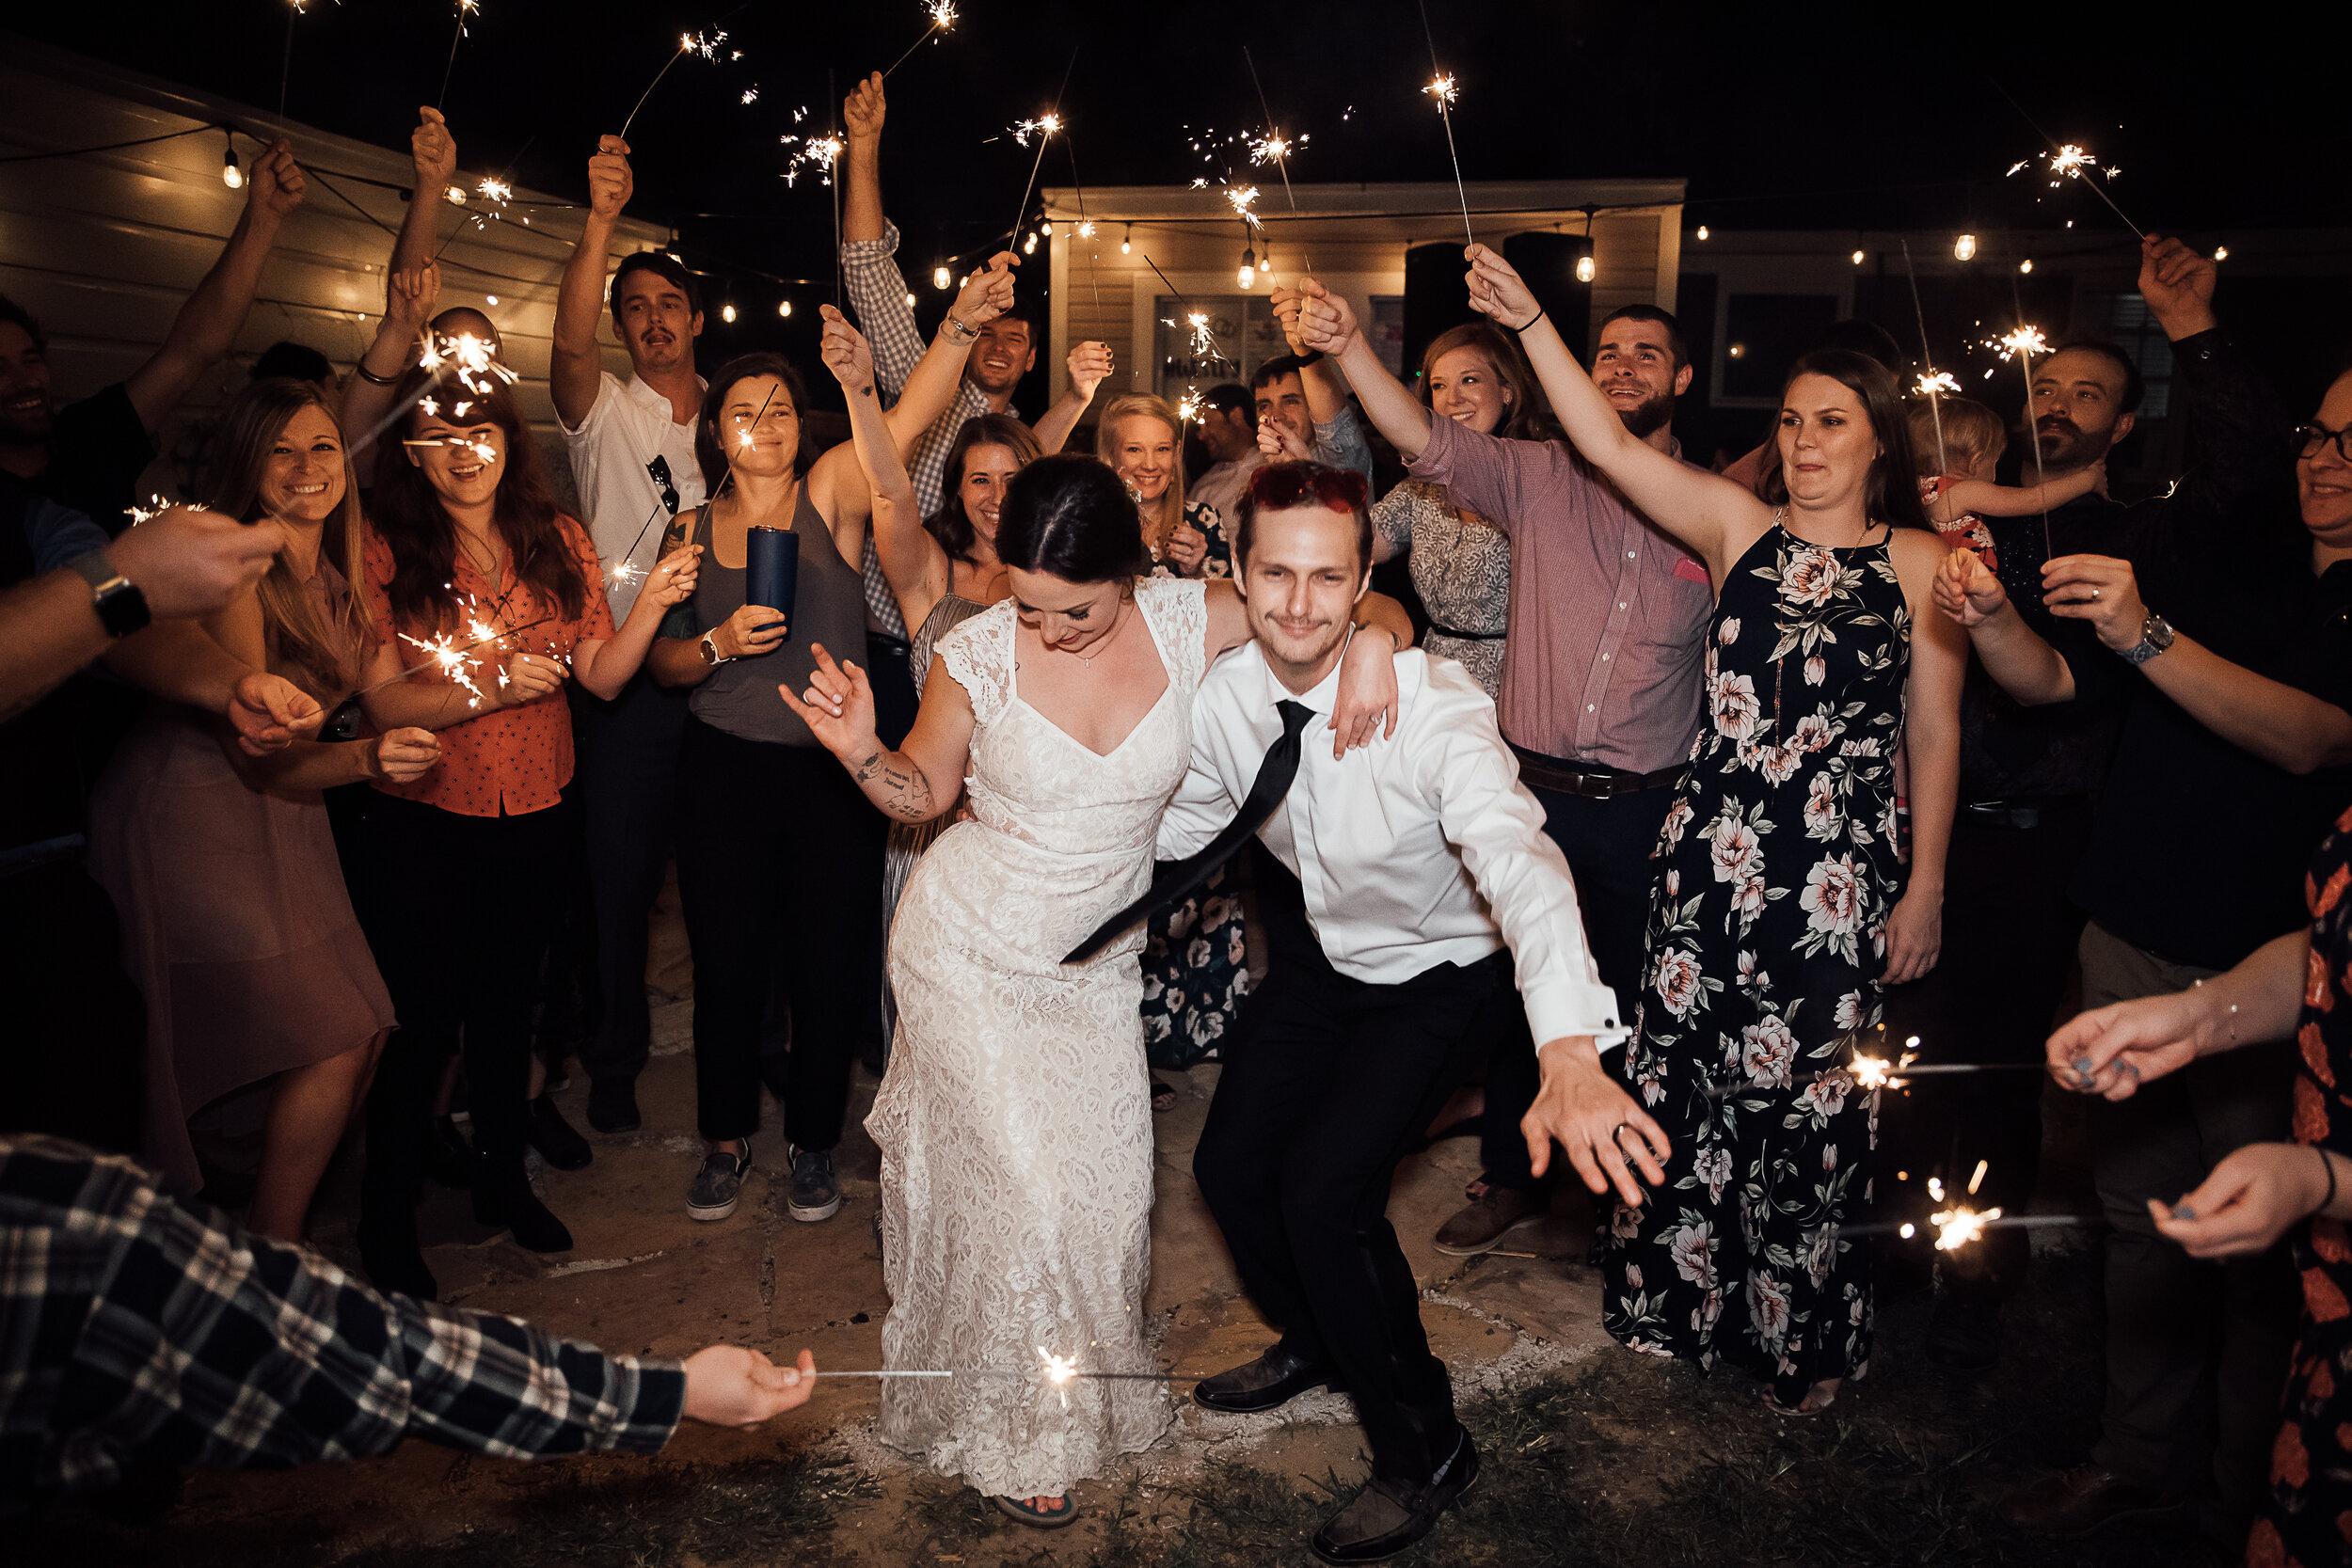 Allison-and-Wesley-Memphis-Backyard-Wedding-TheWarmthAroundYou-88.jpg